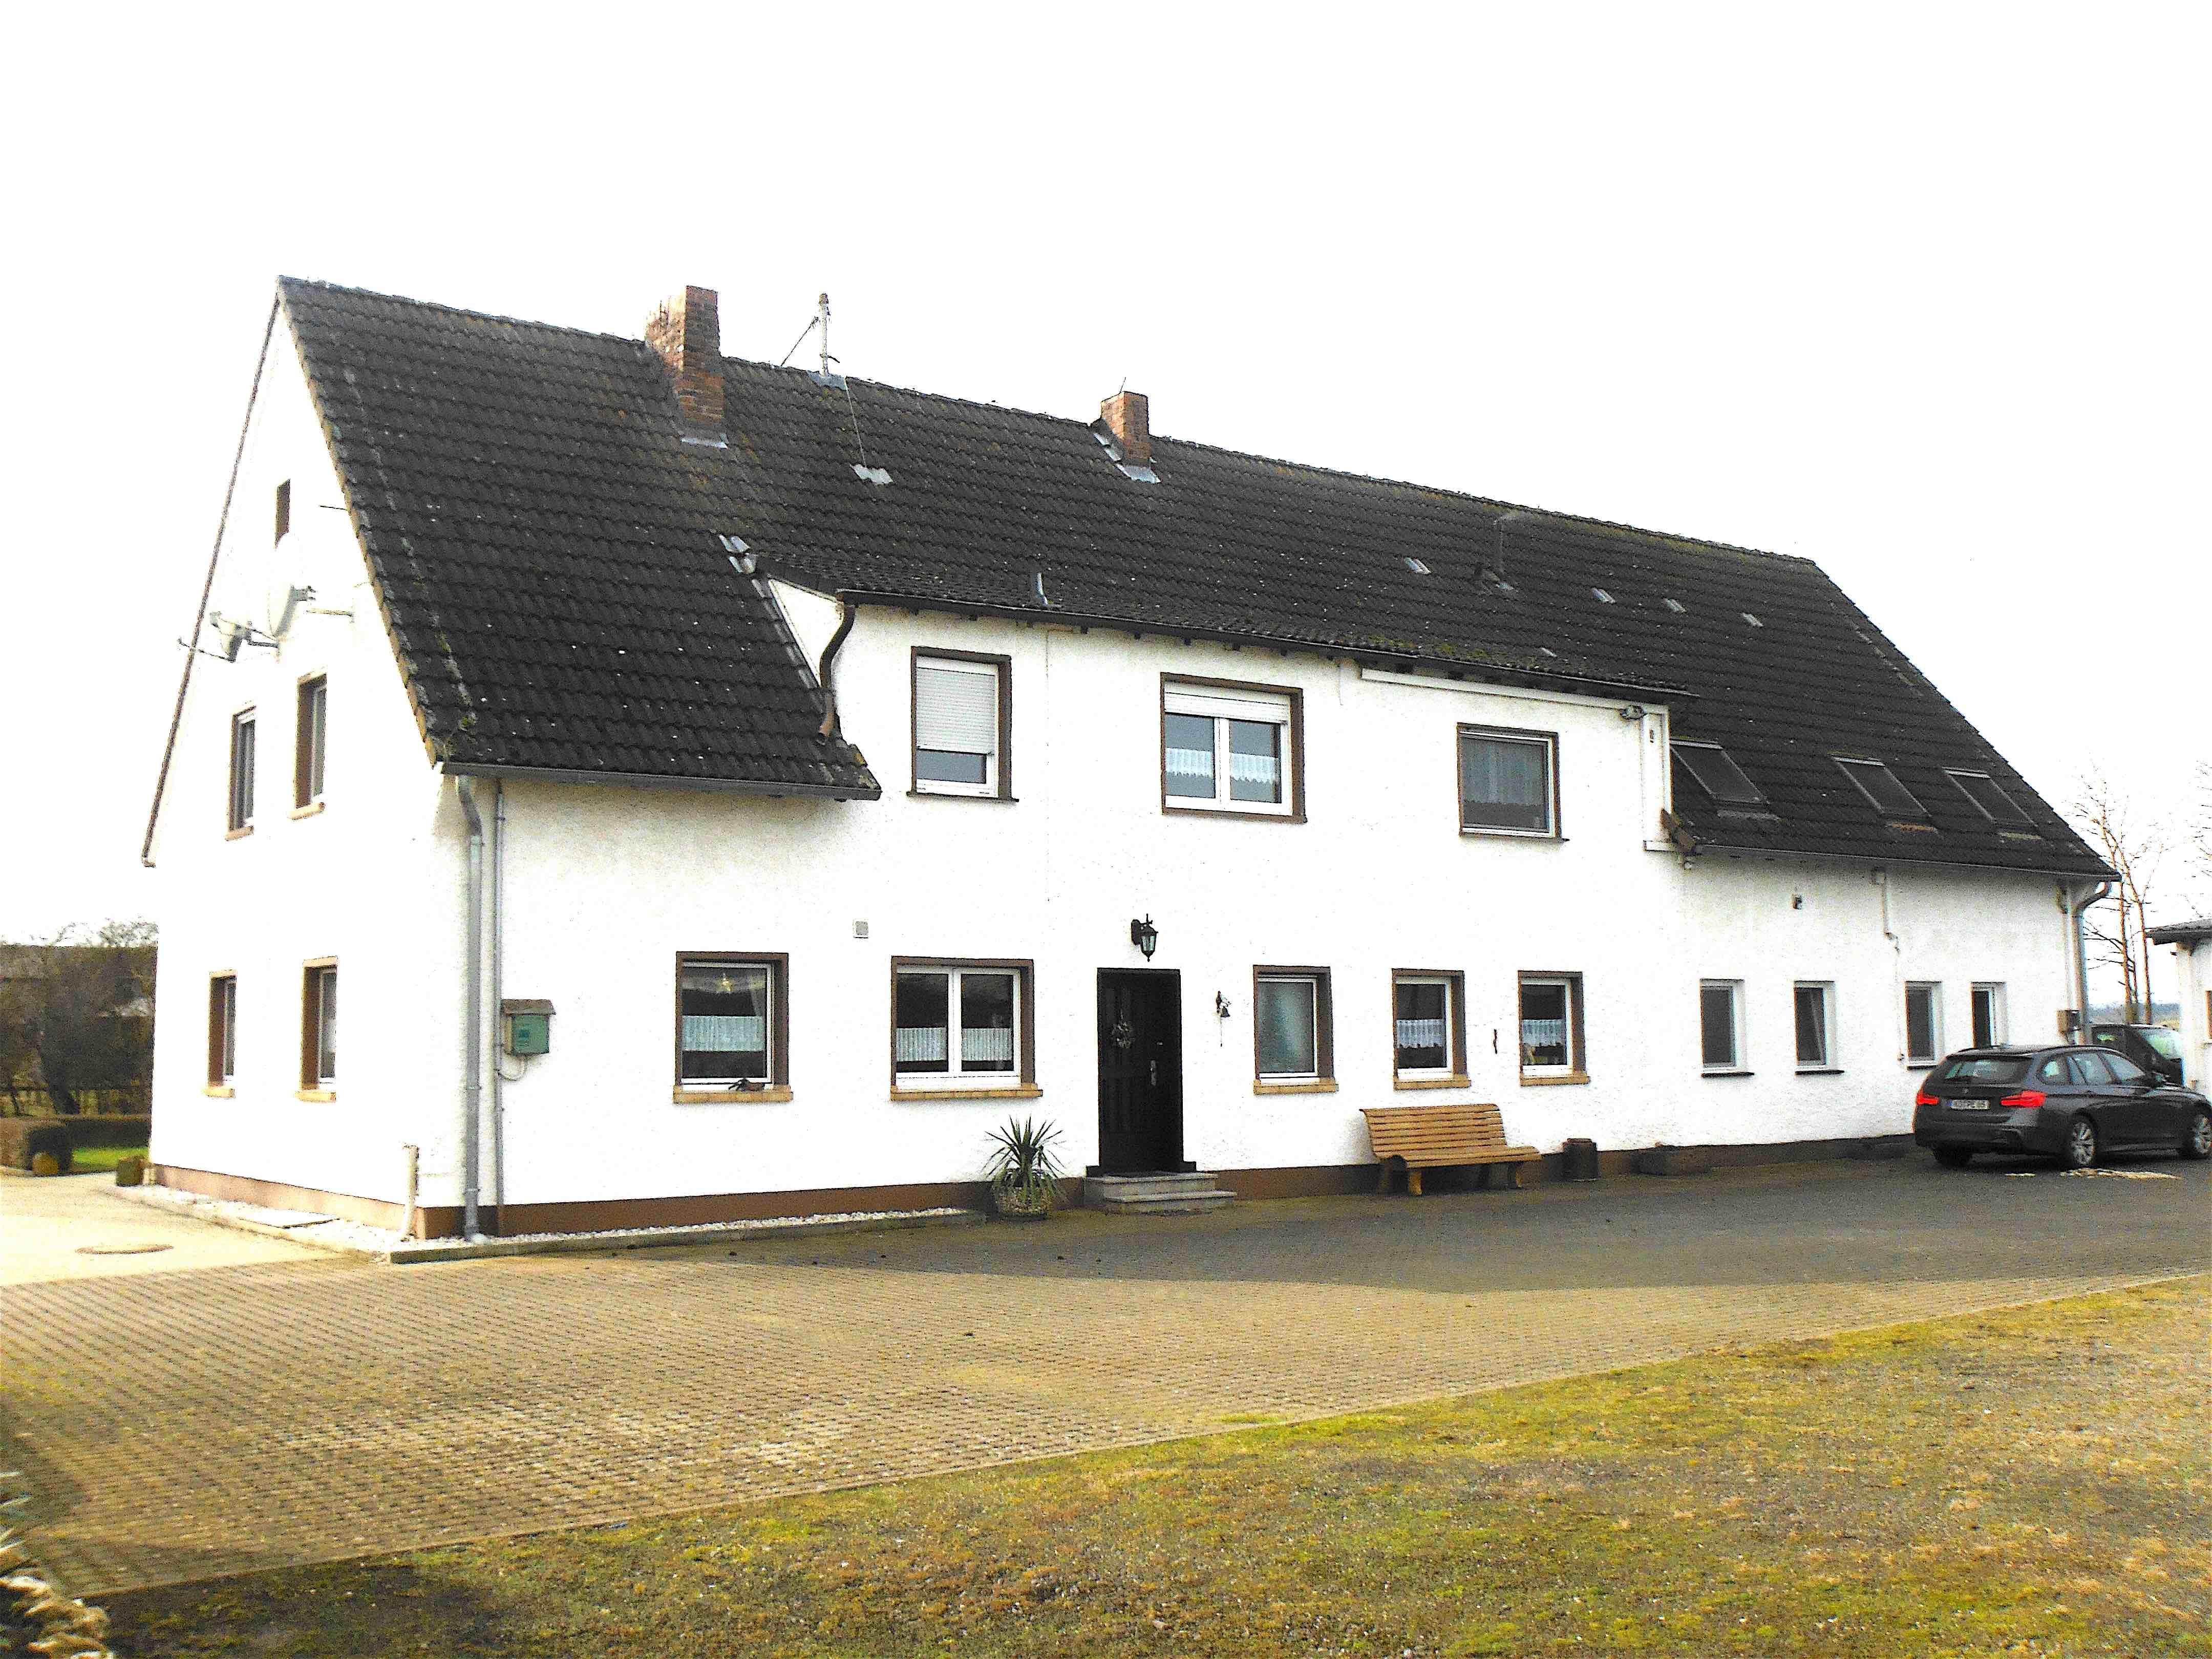 56727 Mayen-Monreal, Siedlungsstelle/Hofanlage BJ 1950, Aussenbereich